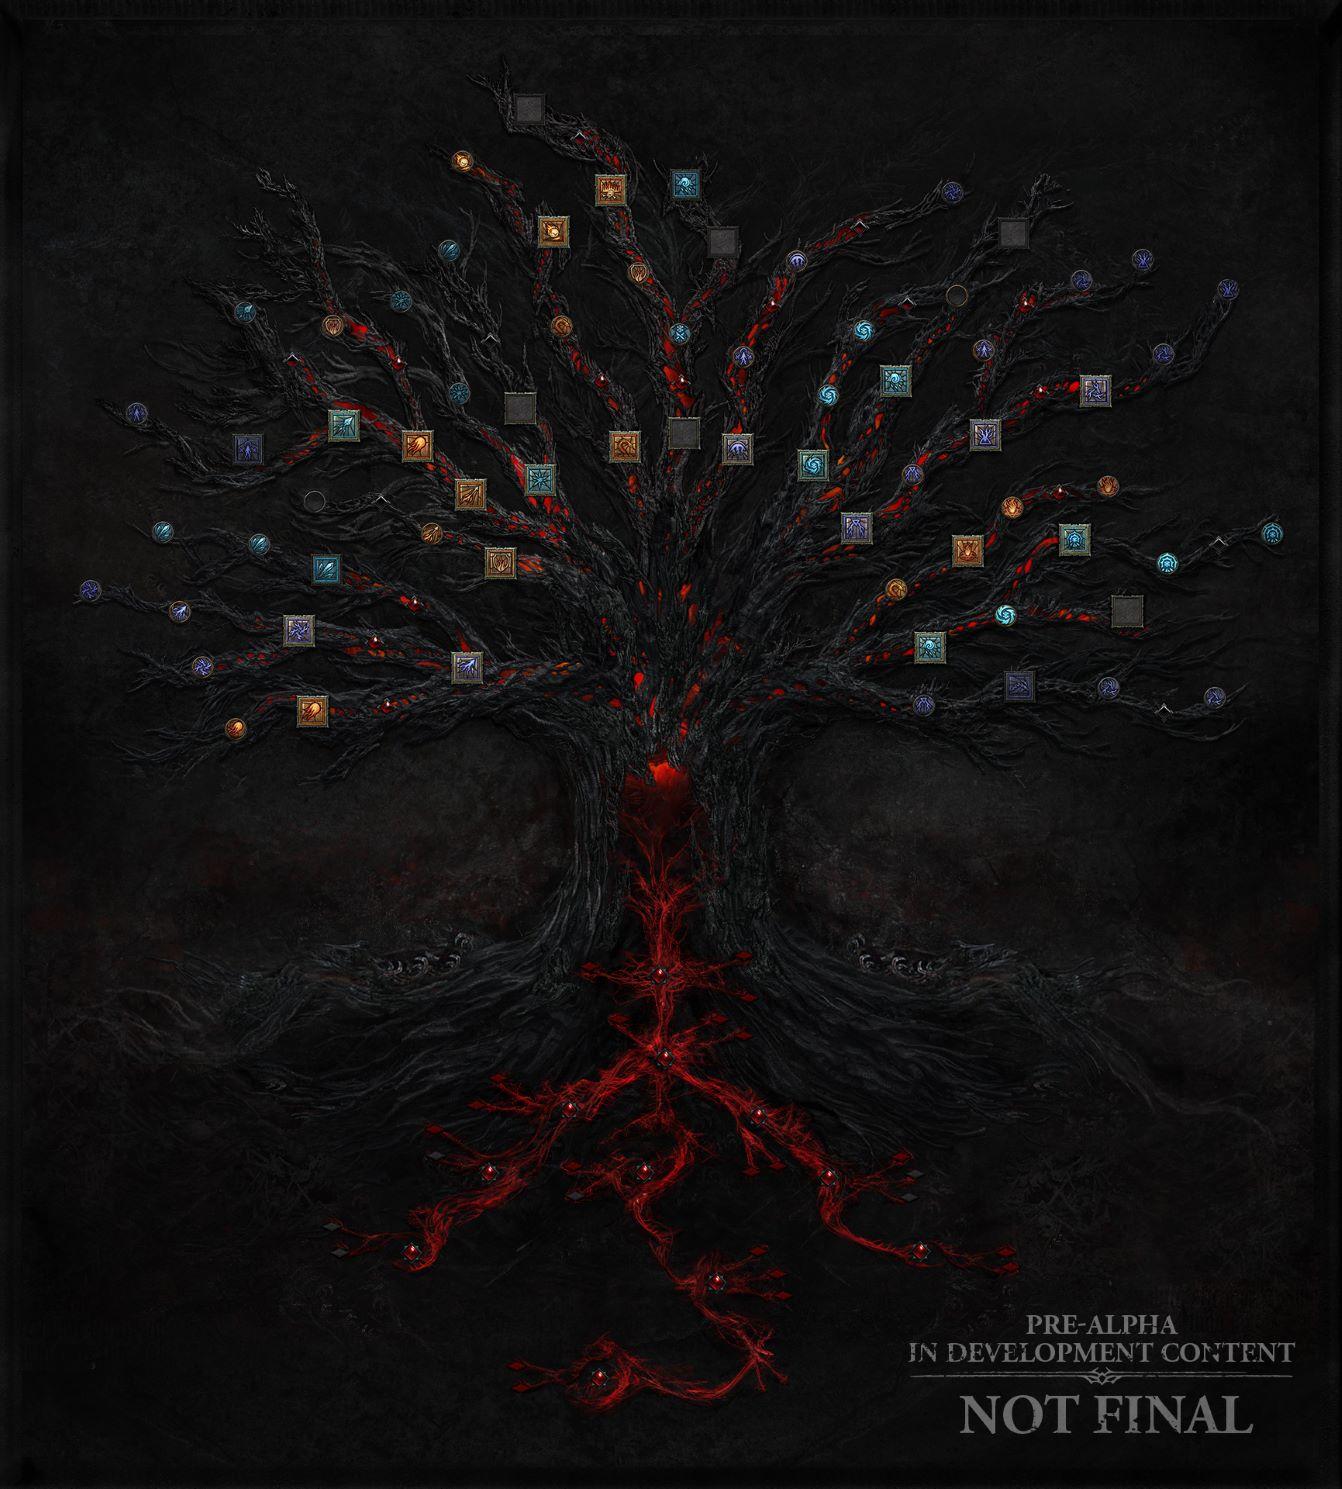 Vývojáři se podělili o nové informace ohledně Diablo IV diablo4strom2